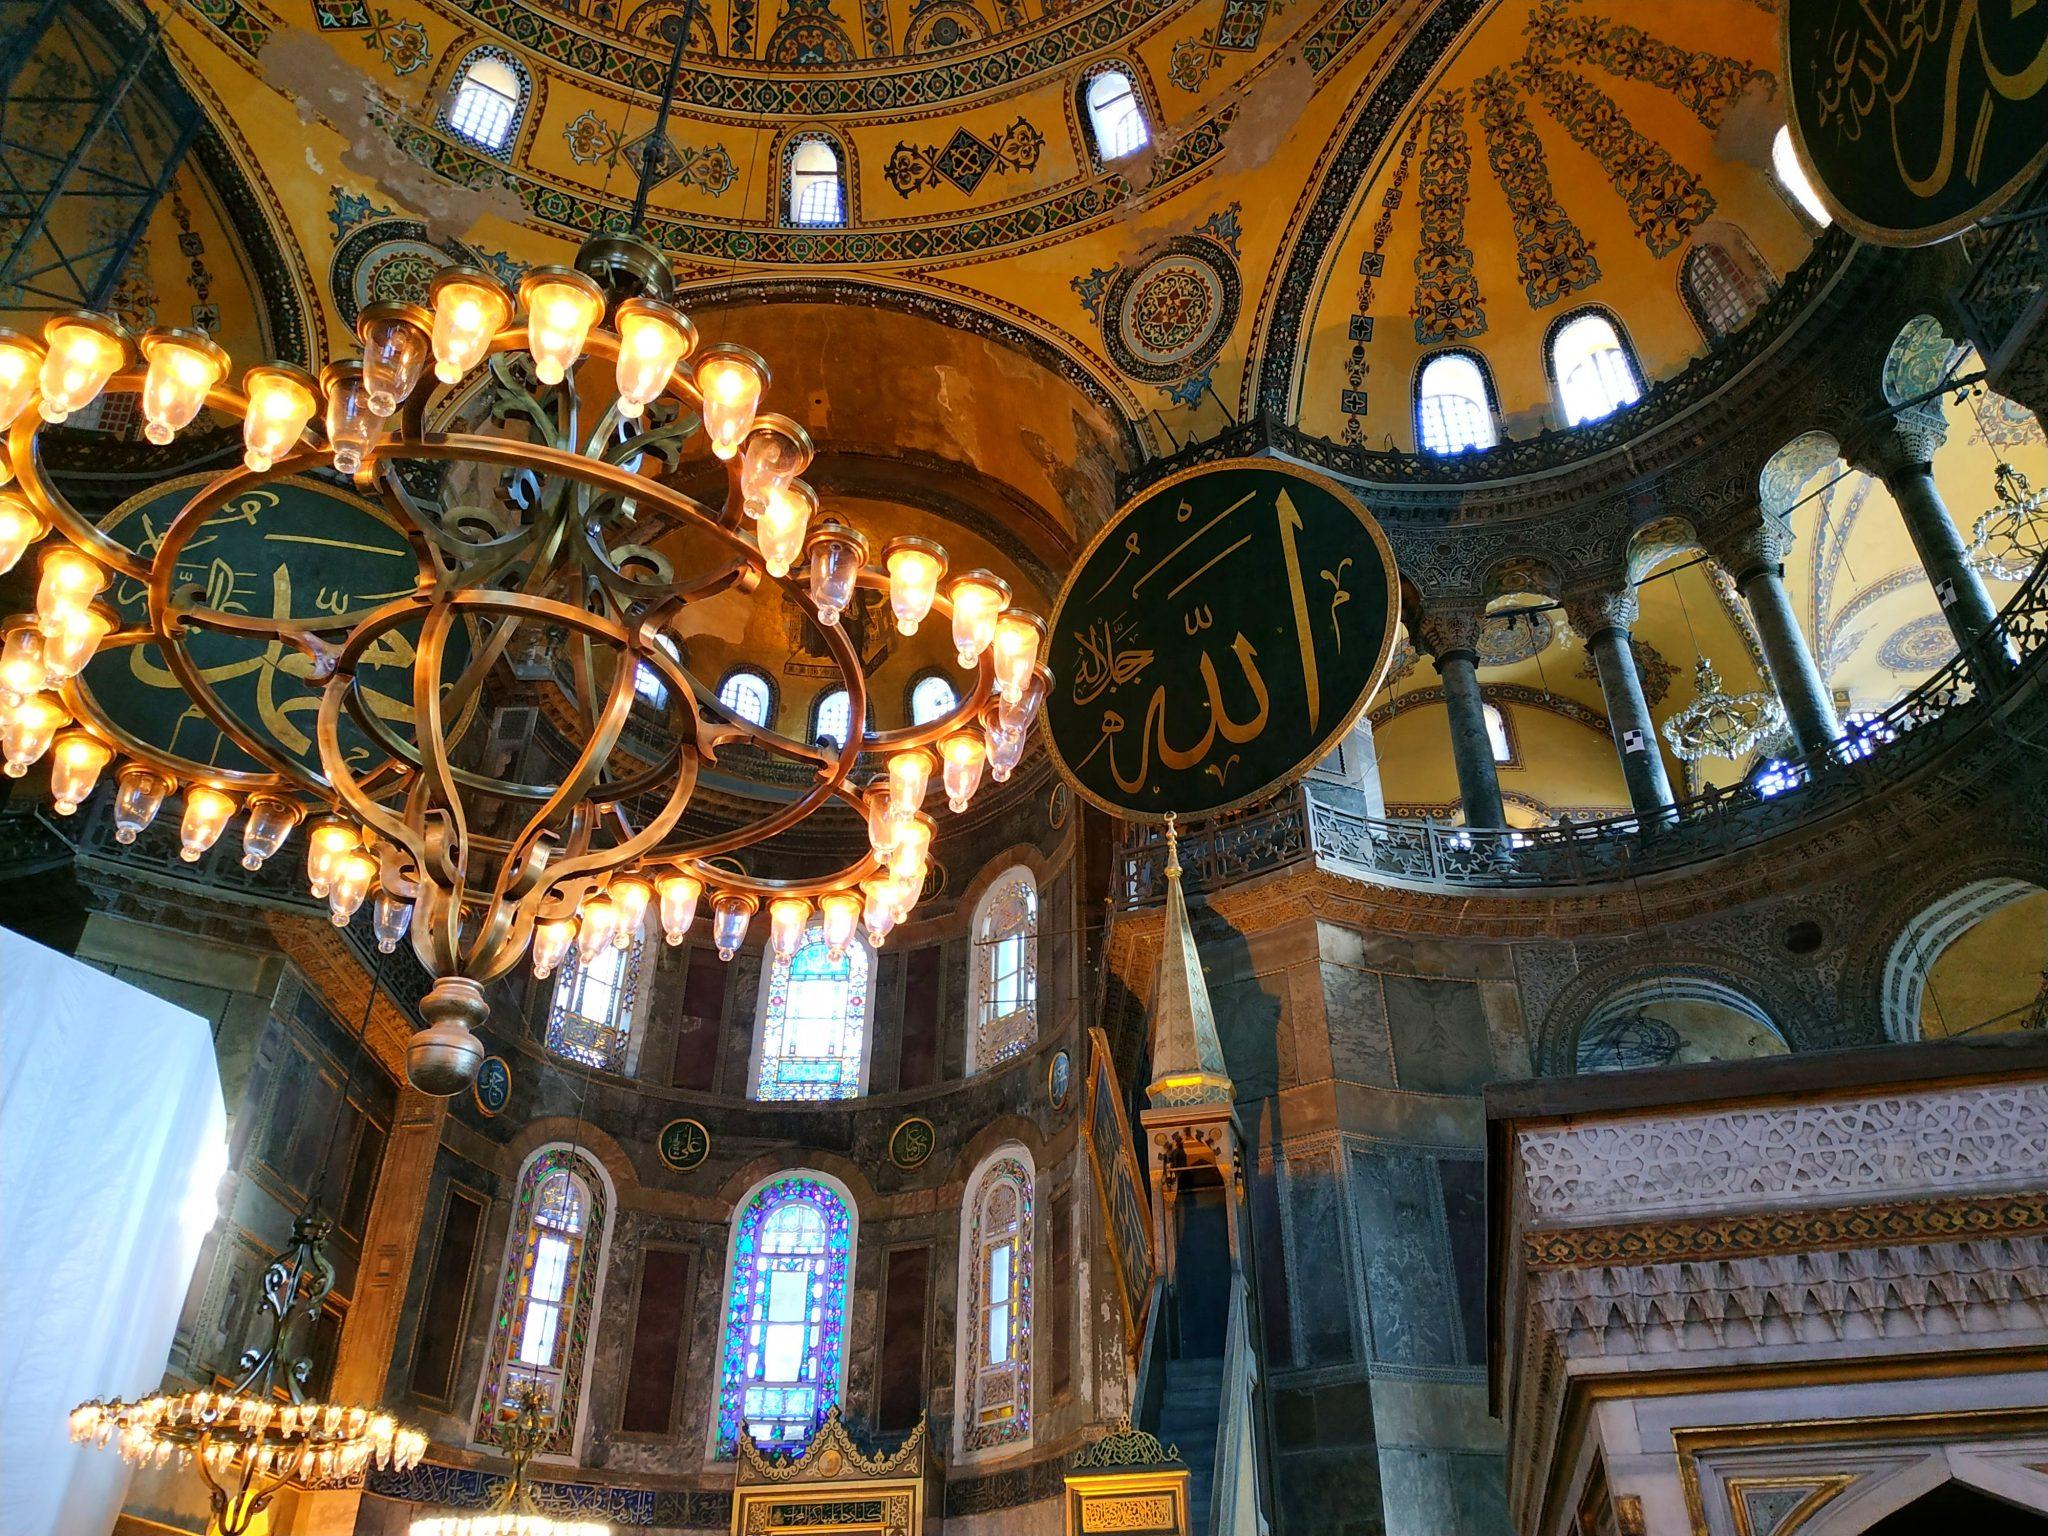 Imagen post Cuatro días en Estambul. Interior Santa Sofia - Pasaporte y Millas